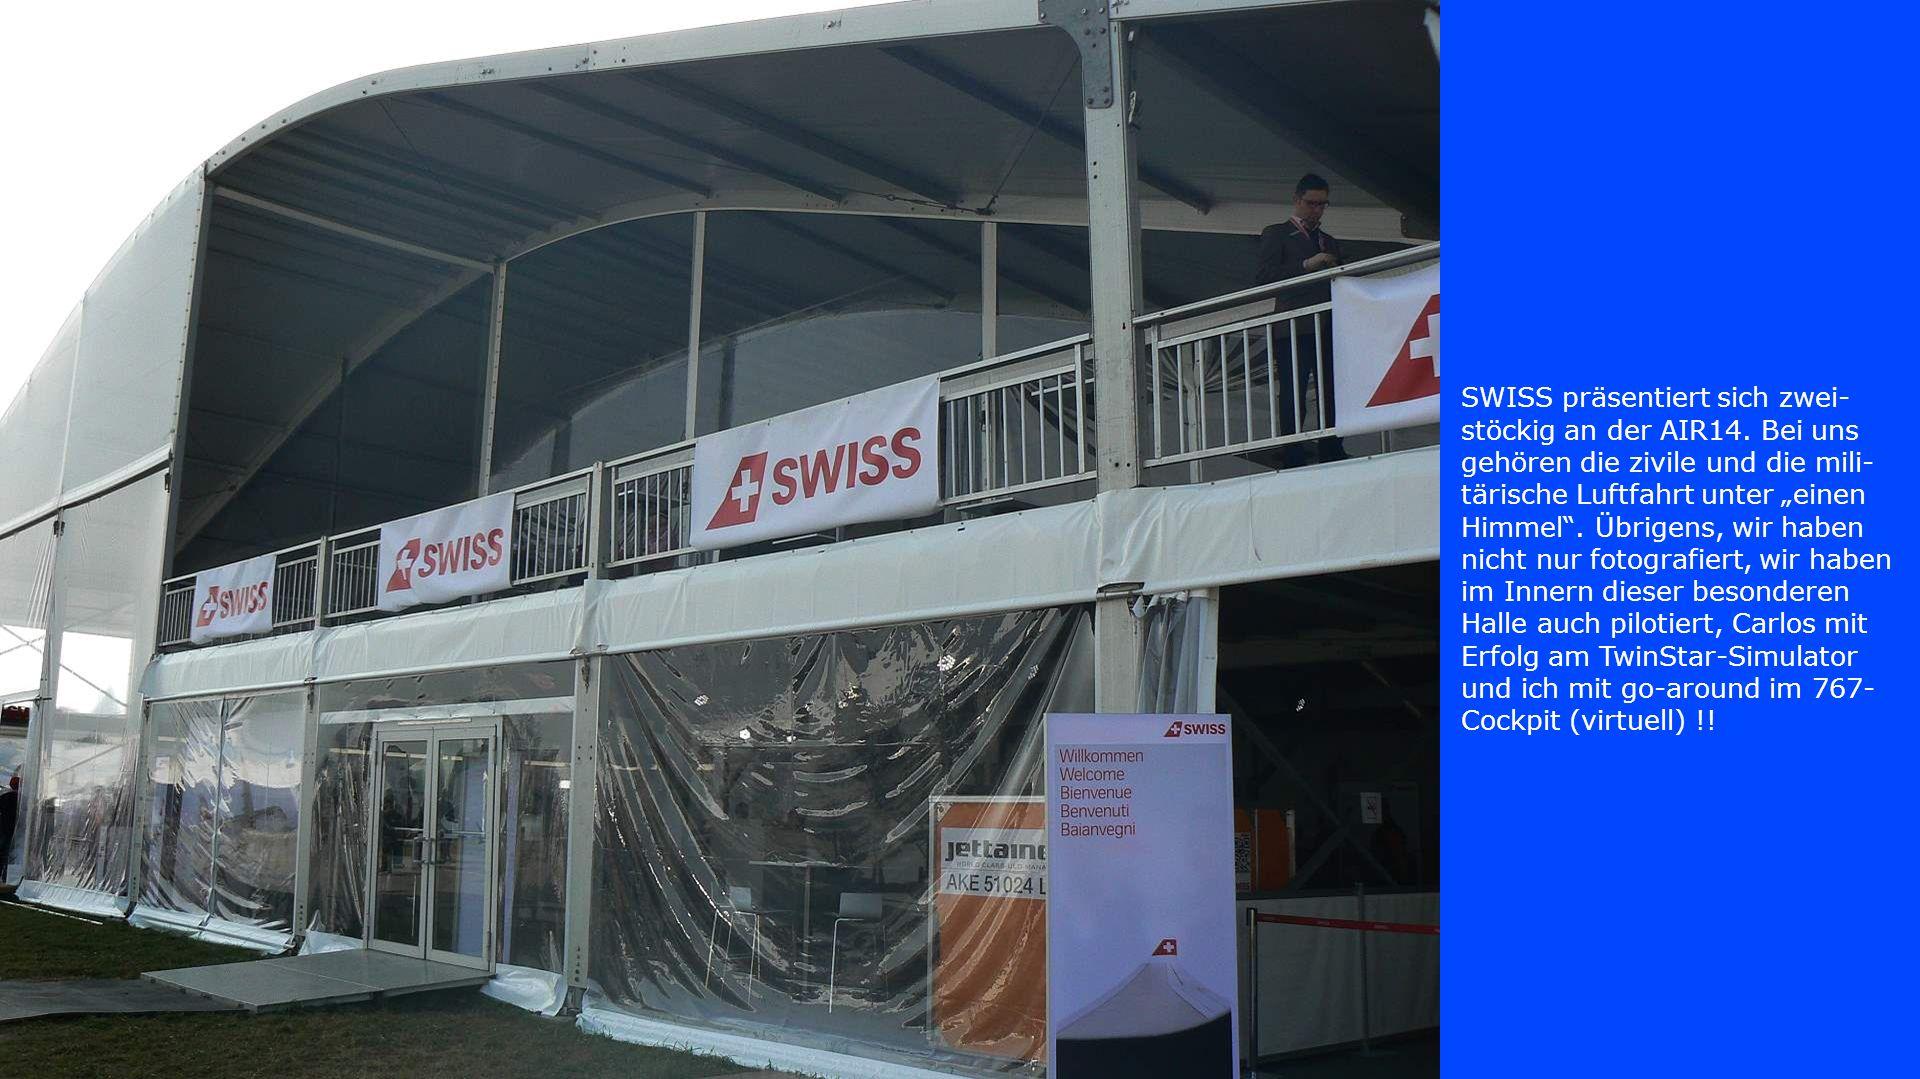 """SWISS präsentiert sich zwei- stöckig an der AIR14. Bei uns gehören die zivile und die mili- tärische Luftfahrt unter """"einen Himmel"""". Übrigens, wir hab"""